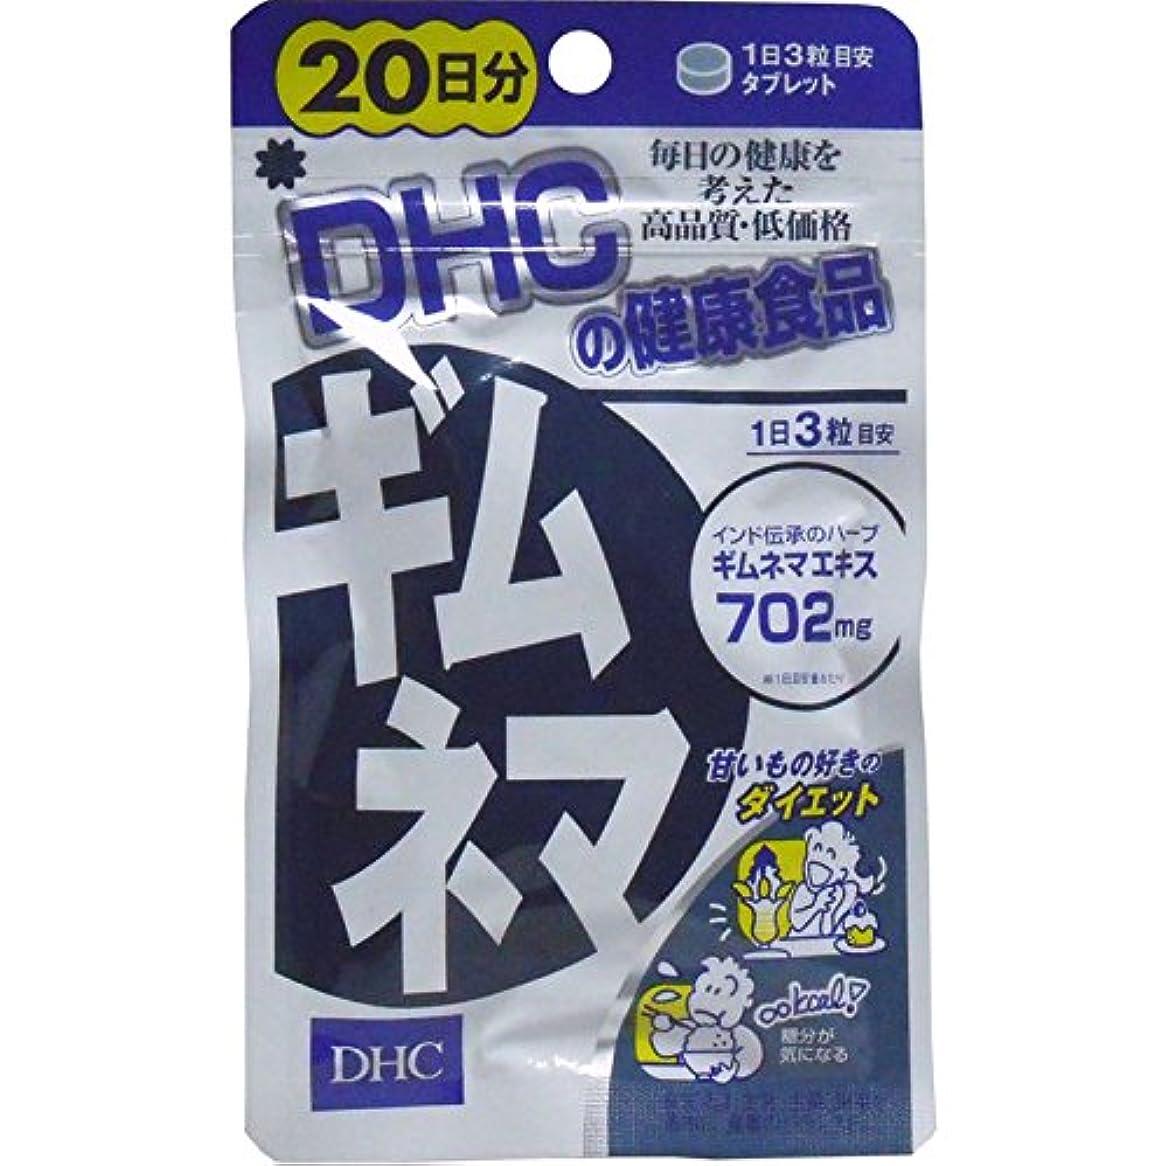 菊ウェイドステップ糖分や炭水化物を多く摂る人に DHC ギムネマ 20日分 60粒